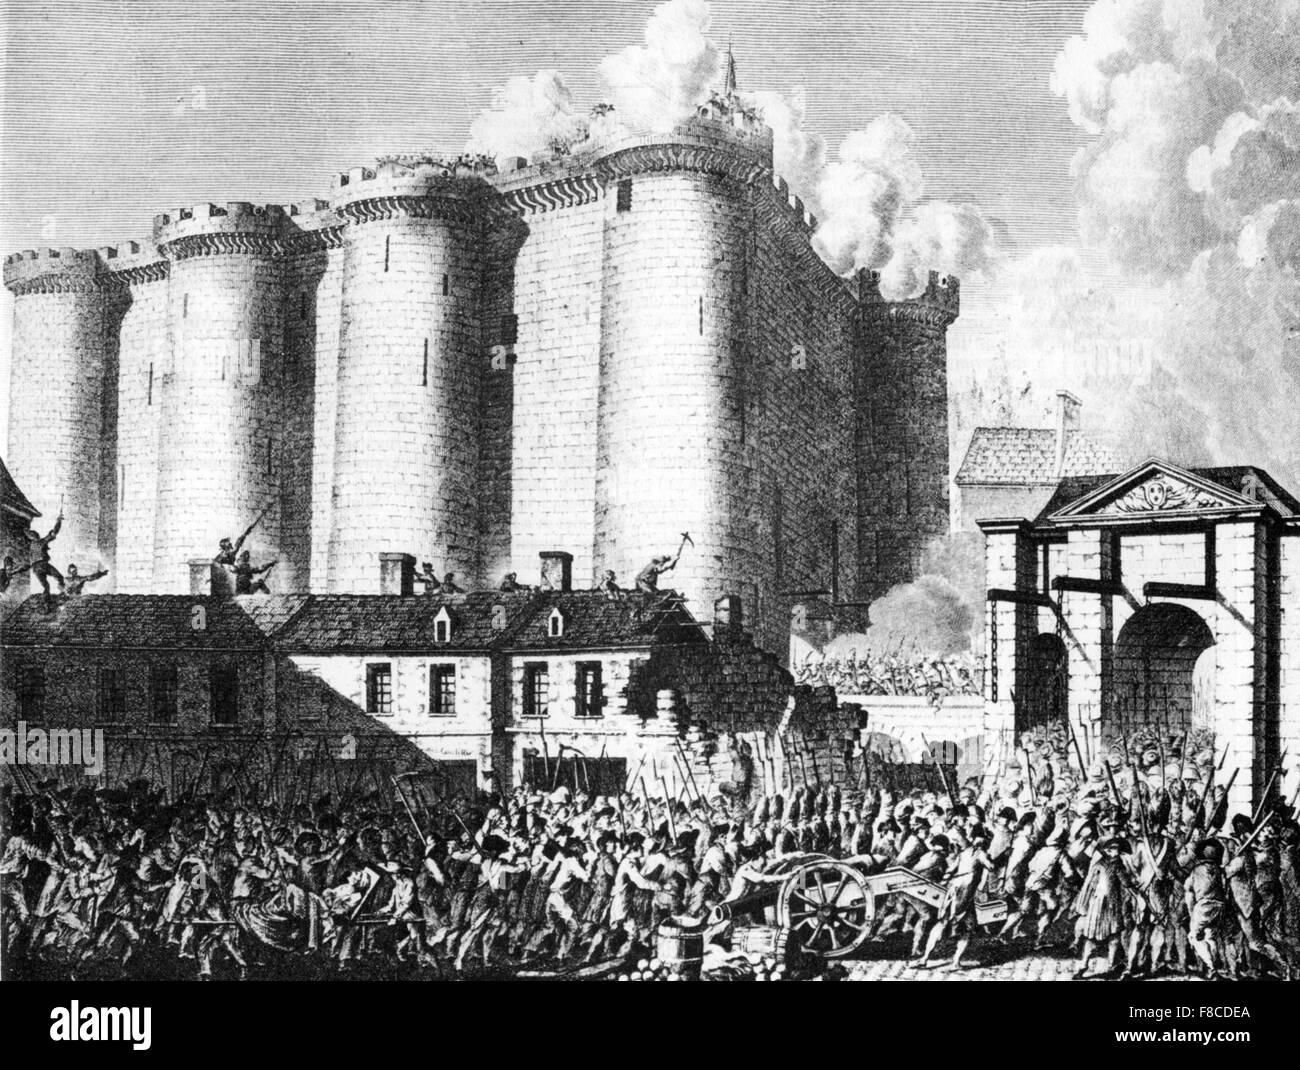 Prise de la bastille, 14 juillet 1789 pendant la Révolution française Photo Stock